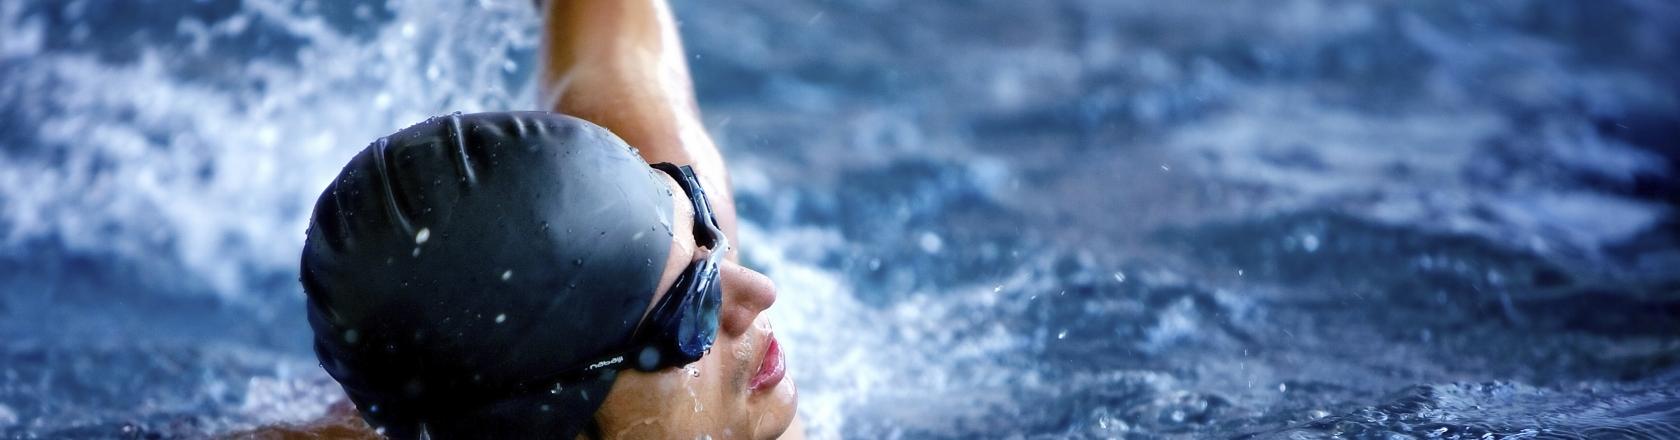 Professional svømmer i en pool med svømmebriller